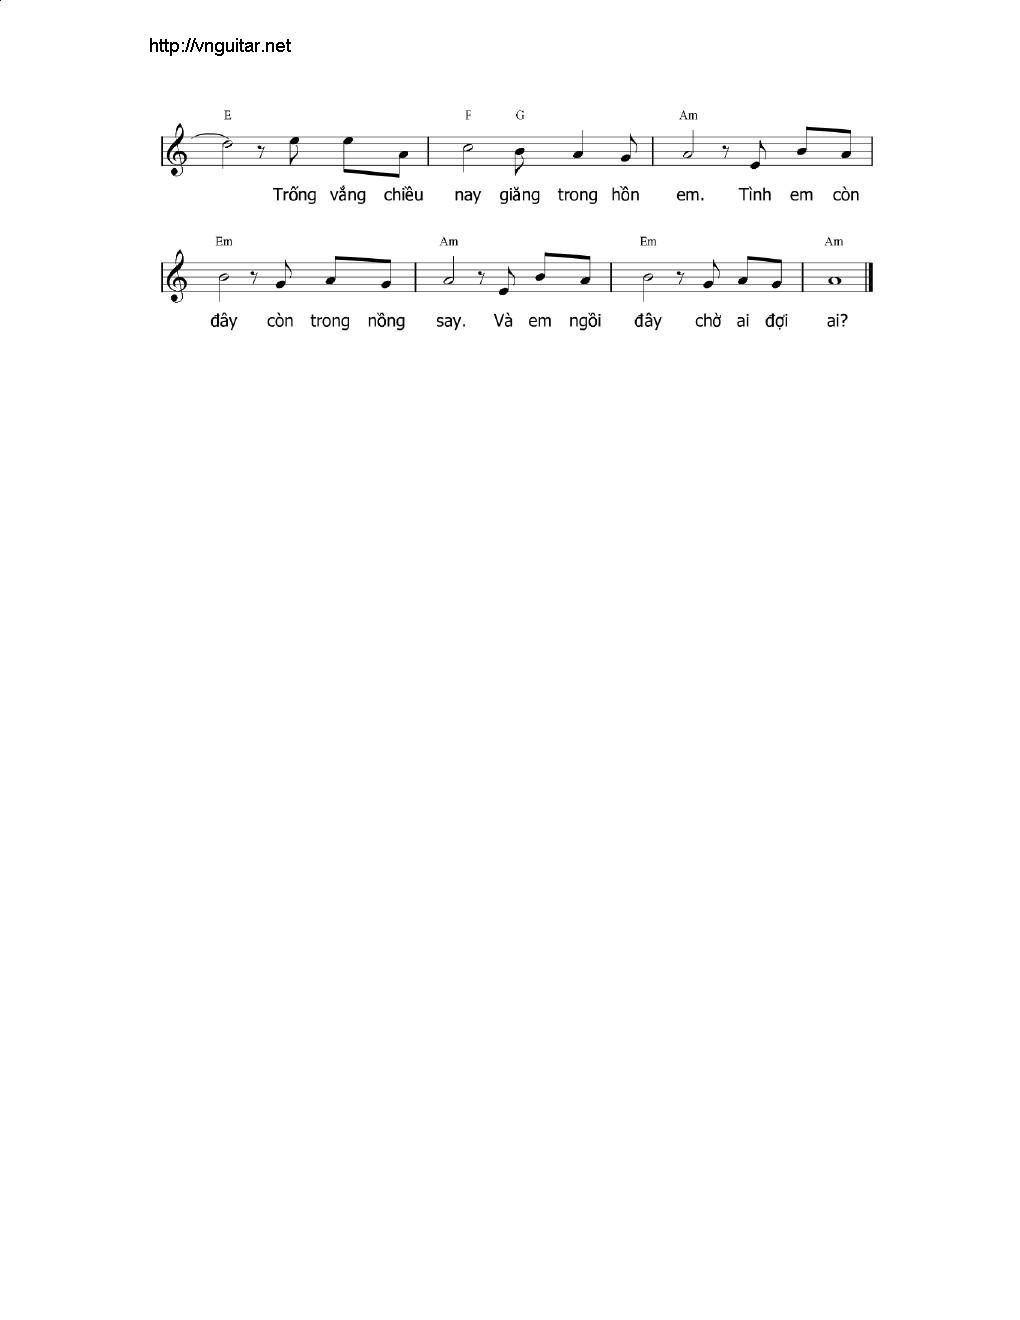 Sheet nhạc bài hát trống vắng 2